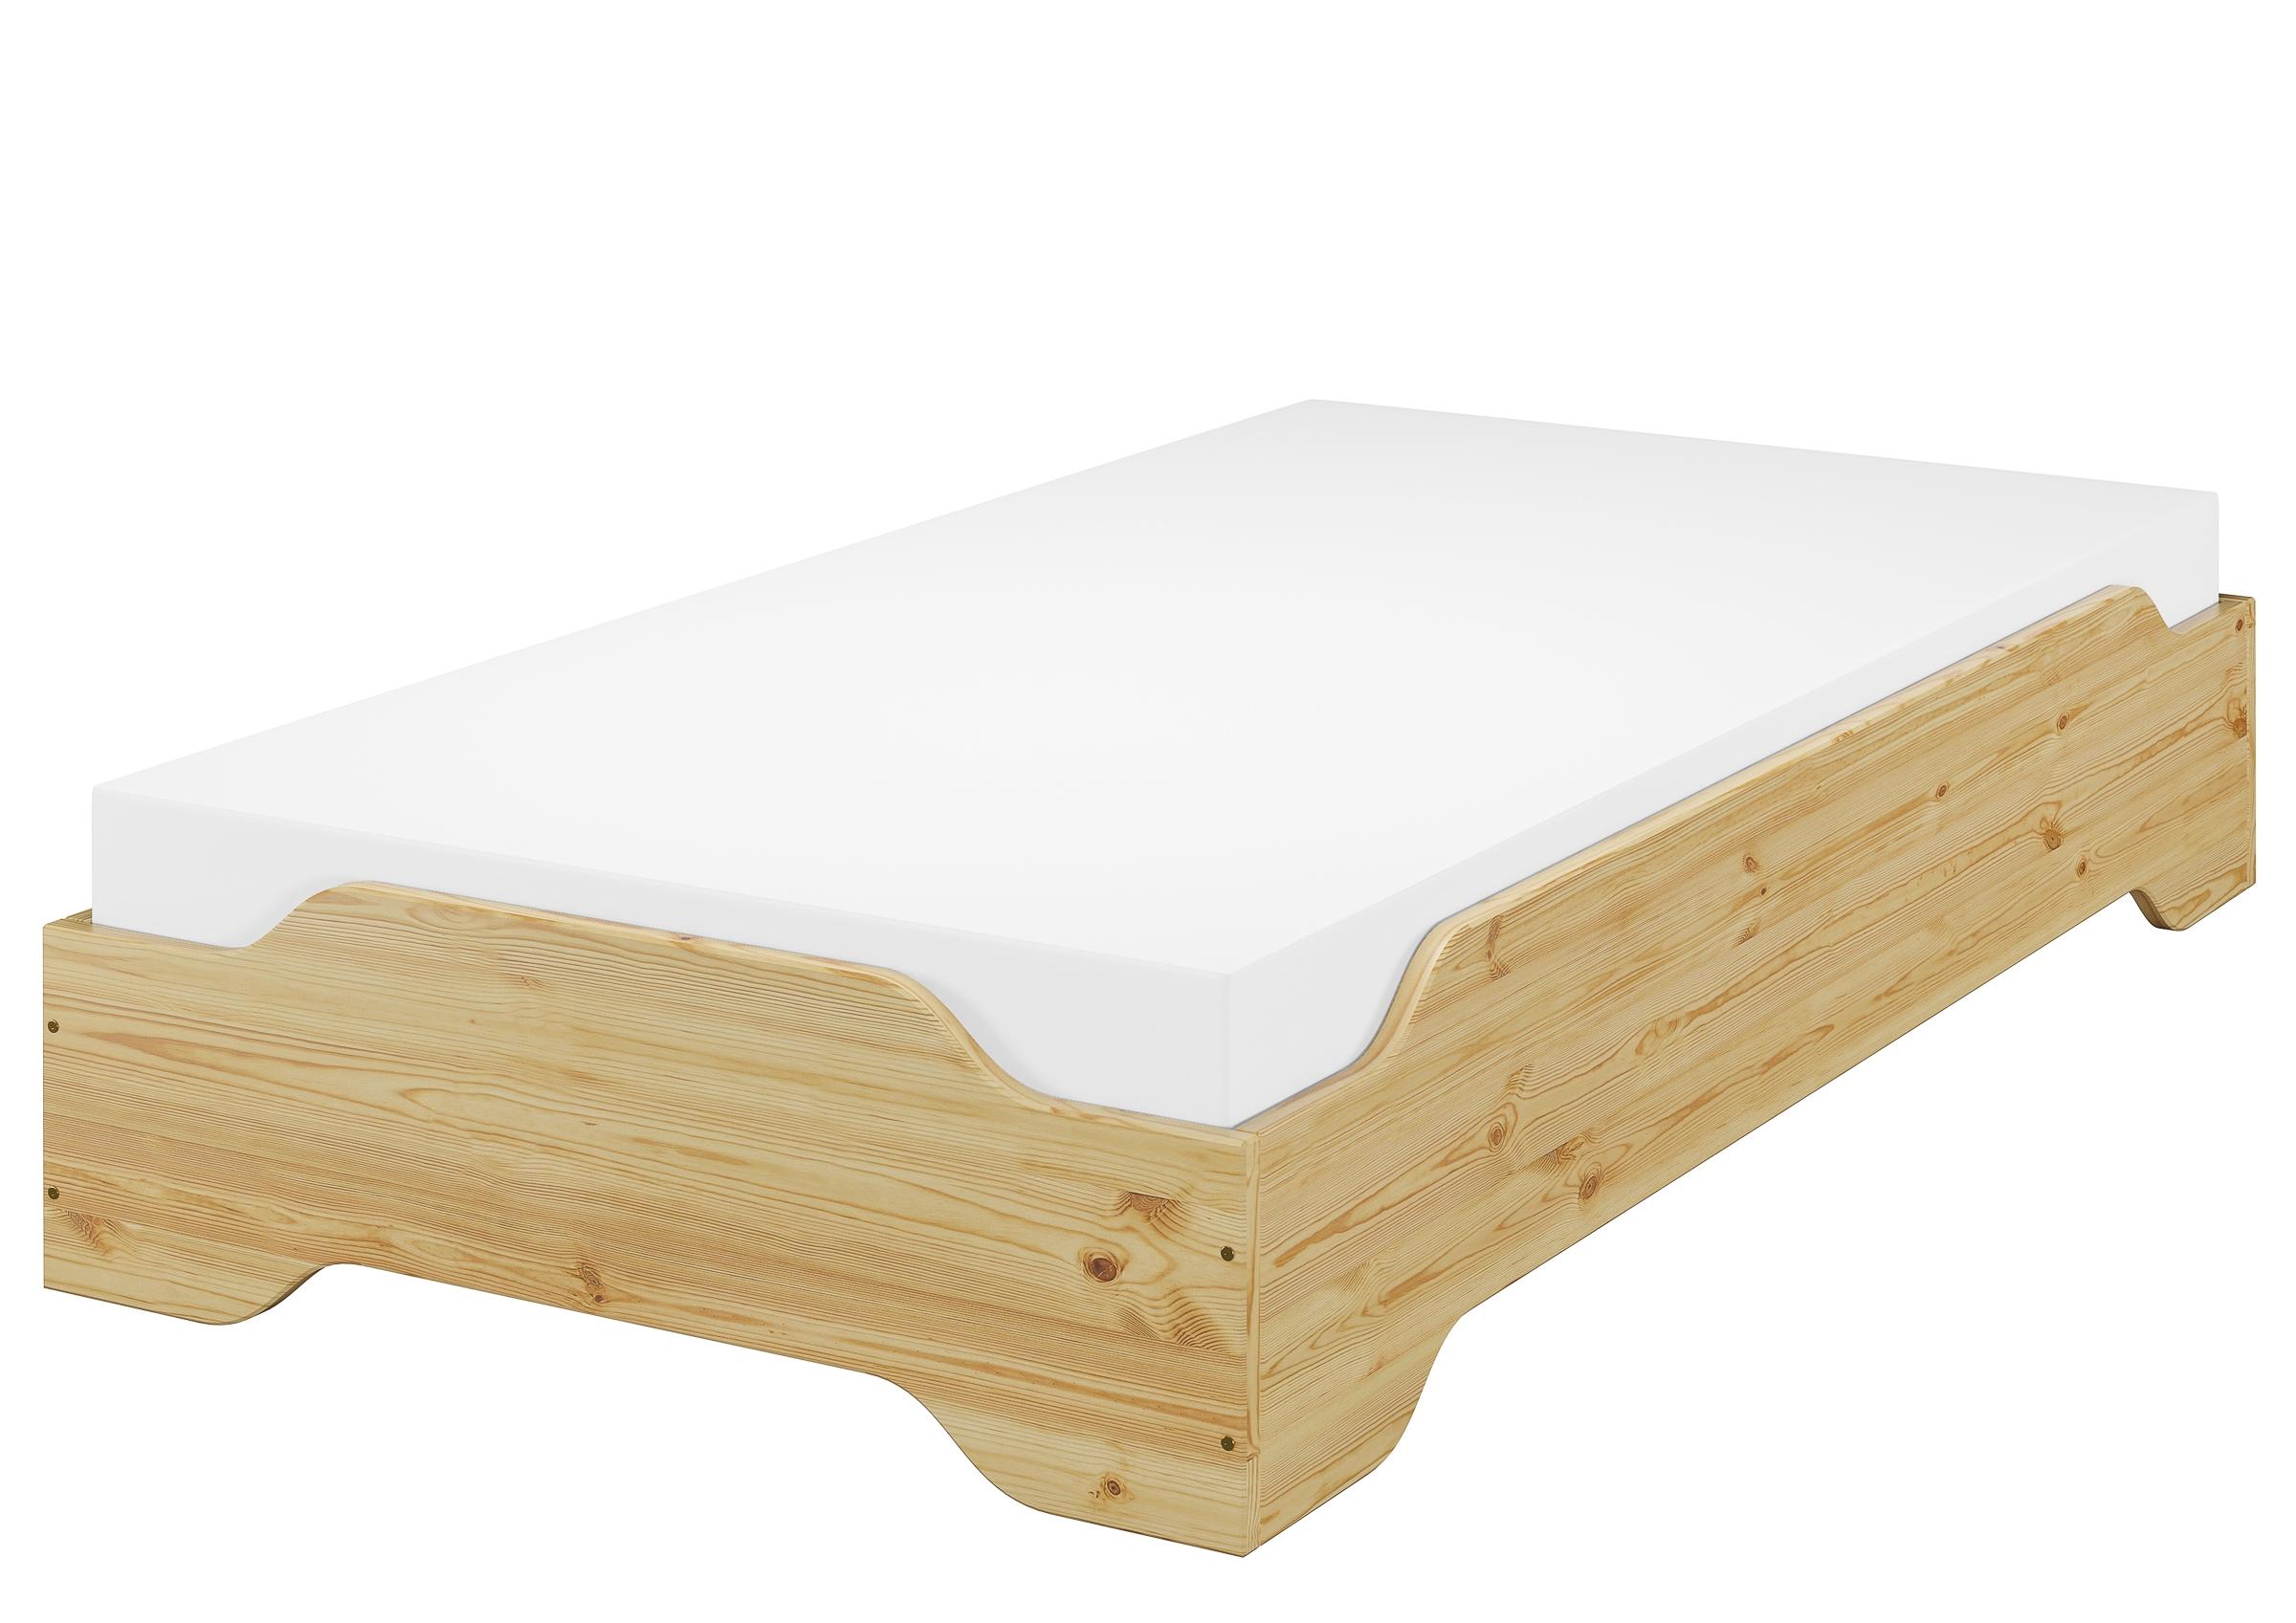 Full Size of Stapelbett Bett Kopfteil Selber Machen Weißes 160x200 Luxus Bettwäsche Sprüche Vintage Eiche Massiv 180x200 Gebrauchte Betten Kleinkind Runde Weiß 120x200 Bett Einfaches Bett